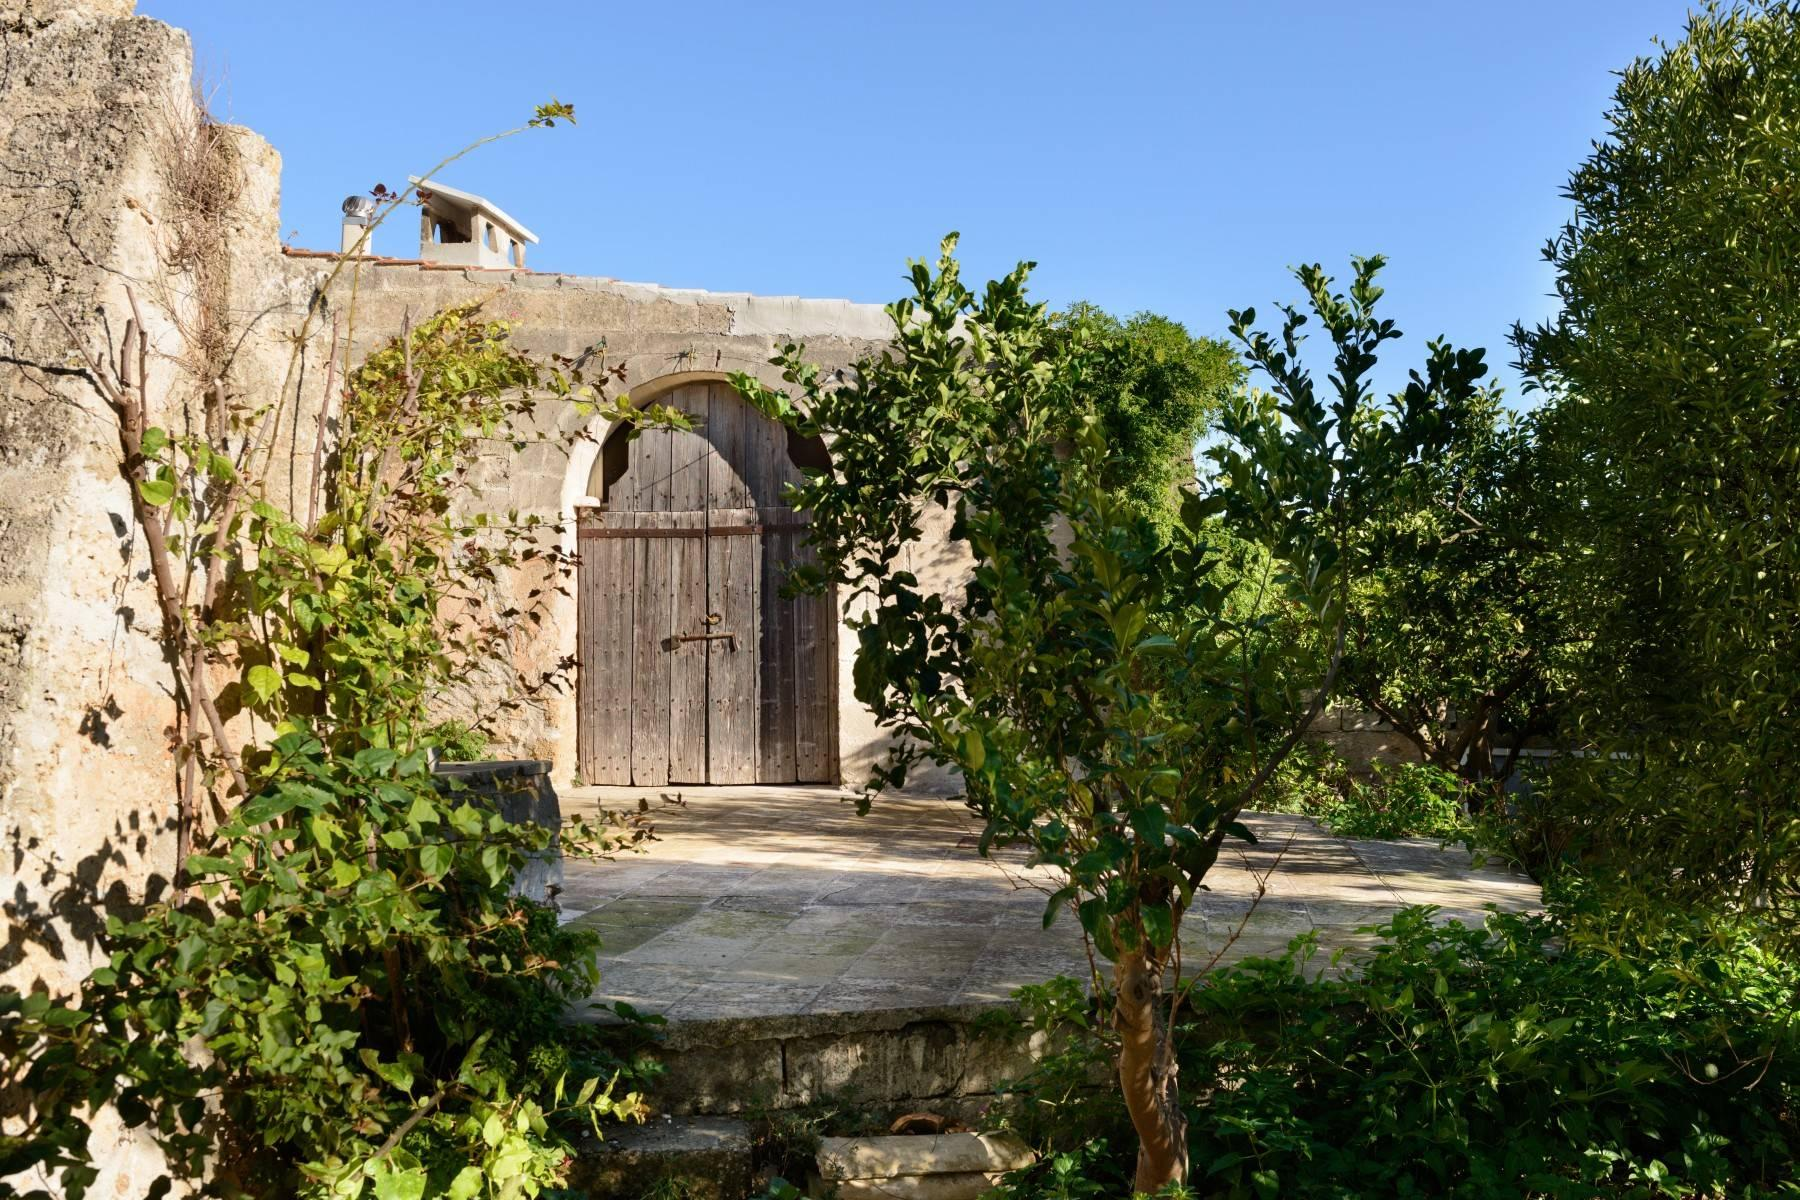 坐落于著名的Masseria Caracciolo住宅区内的优雅别墅 - 6